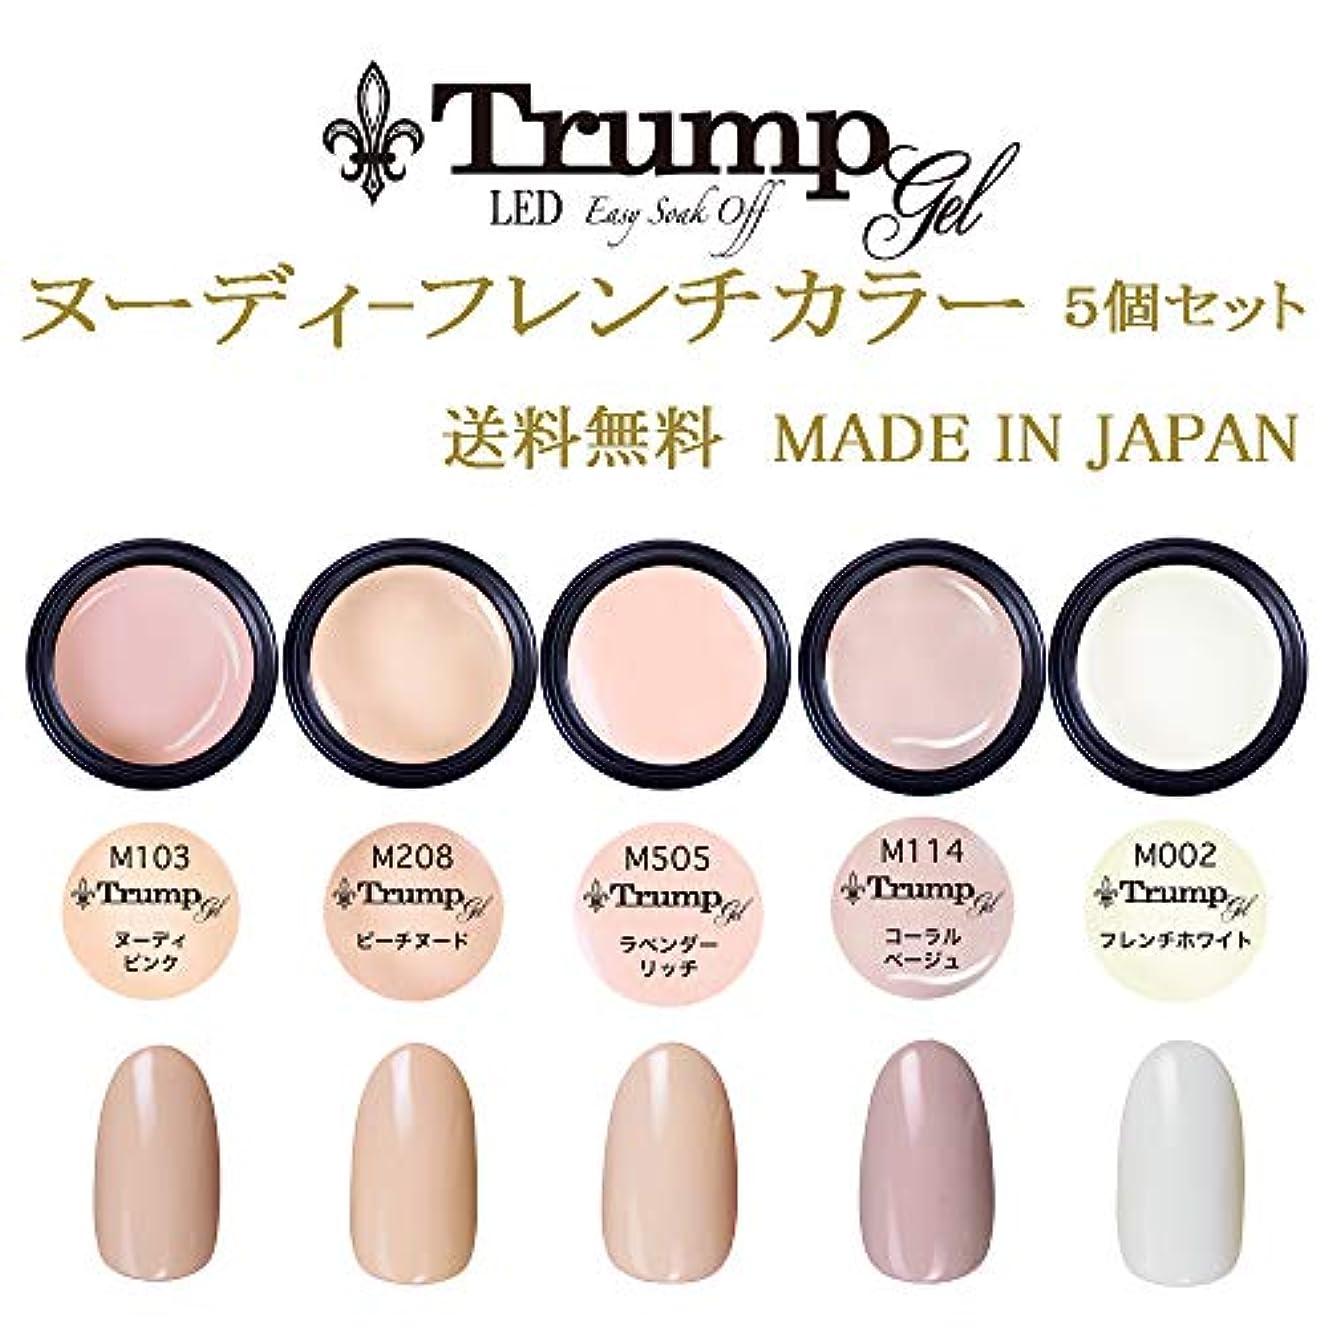 直感フォーカスエチケット【送料無料】日本製 Trump gel トランプジェルヌーディフレンチカラージェル 5個セット 肌馴染みの良い ヌーデイフレンチカラージェルセット